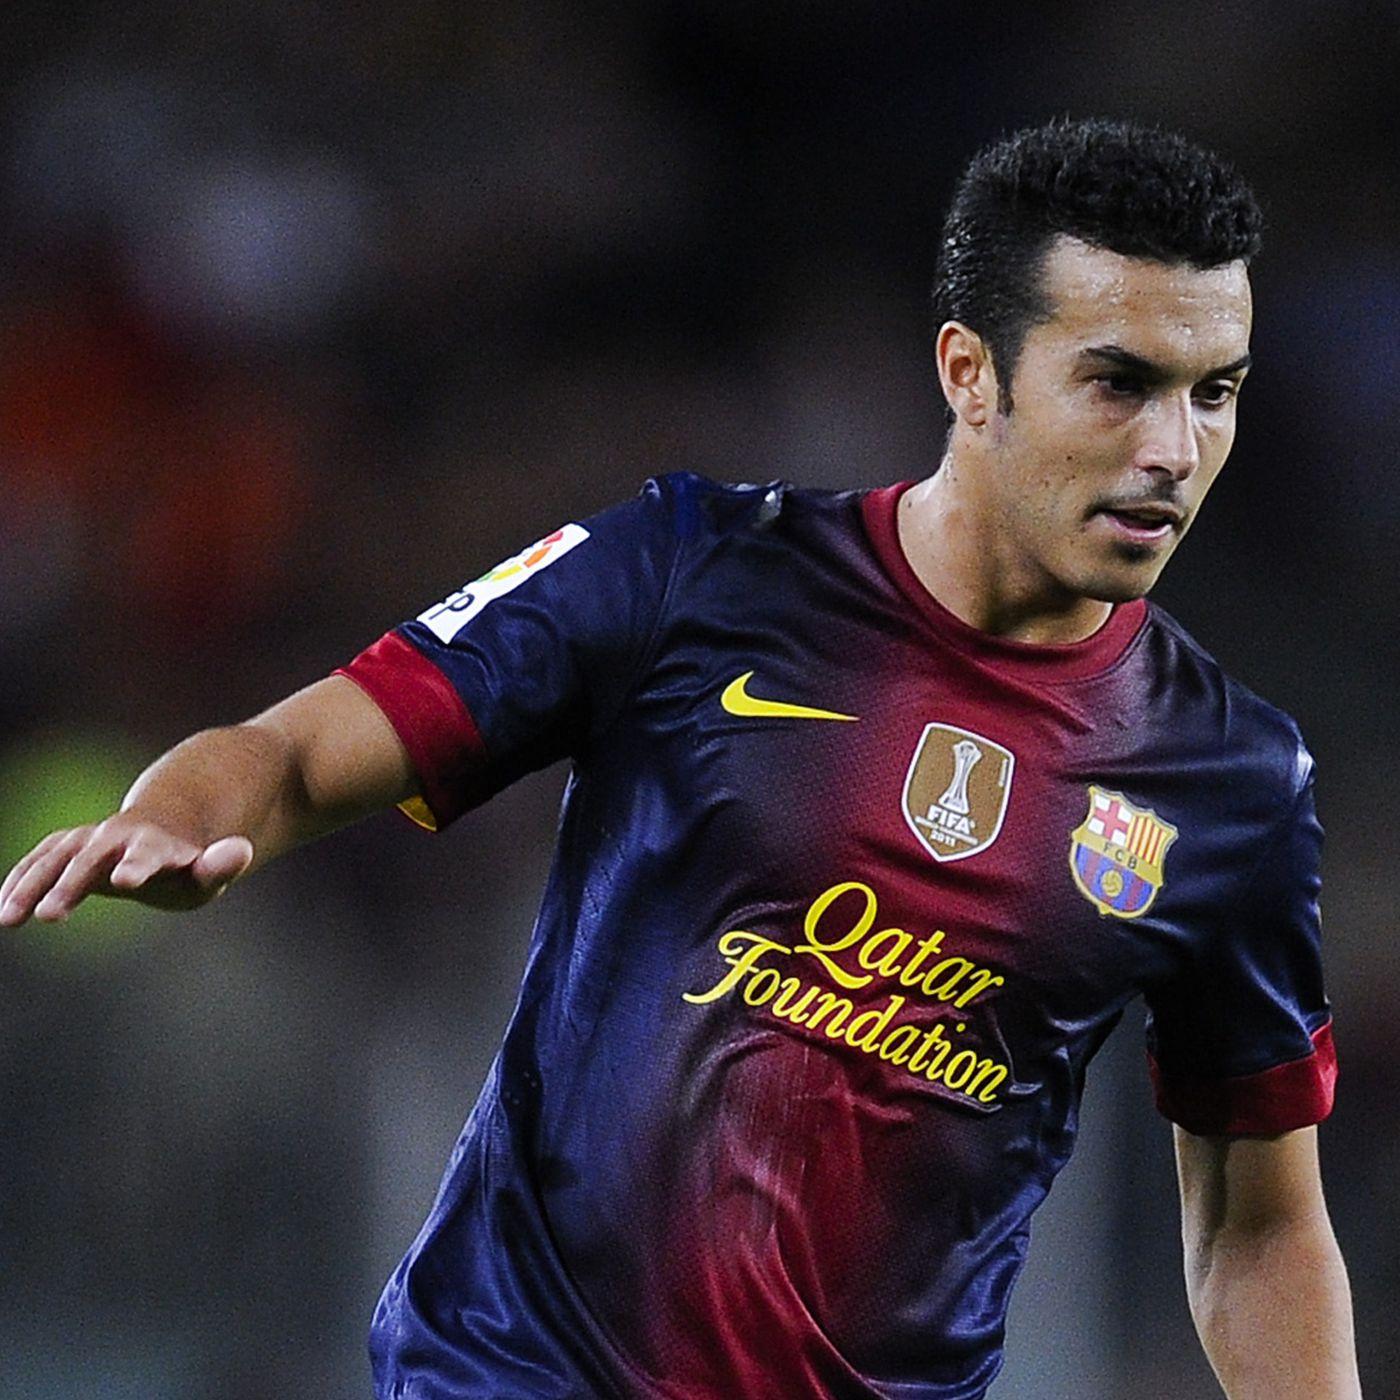 888a757fd05 FC Barcelona 2012/13 Season in Review: Pedro - Barca Blaugranes